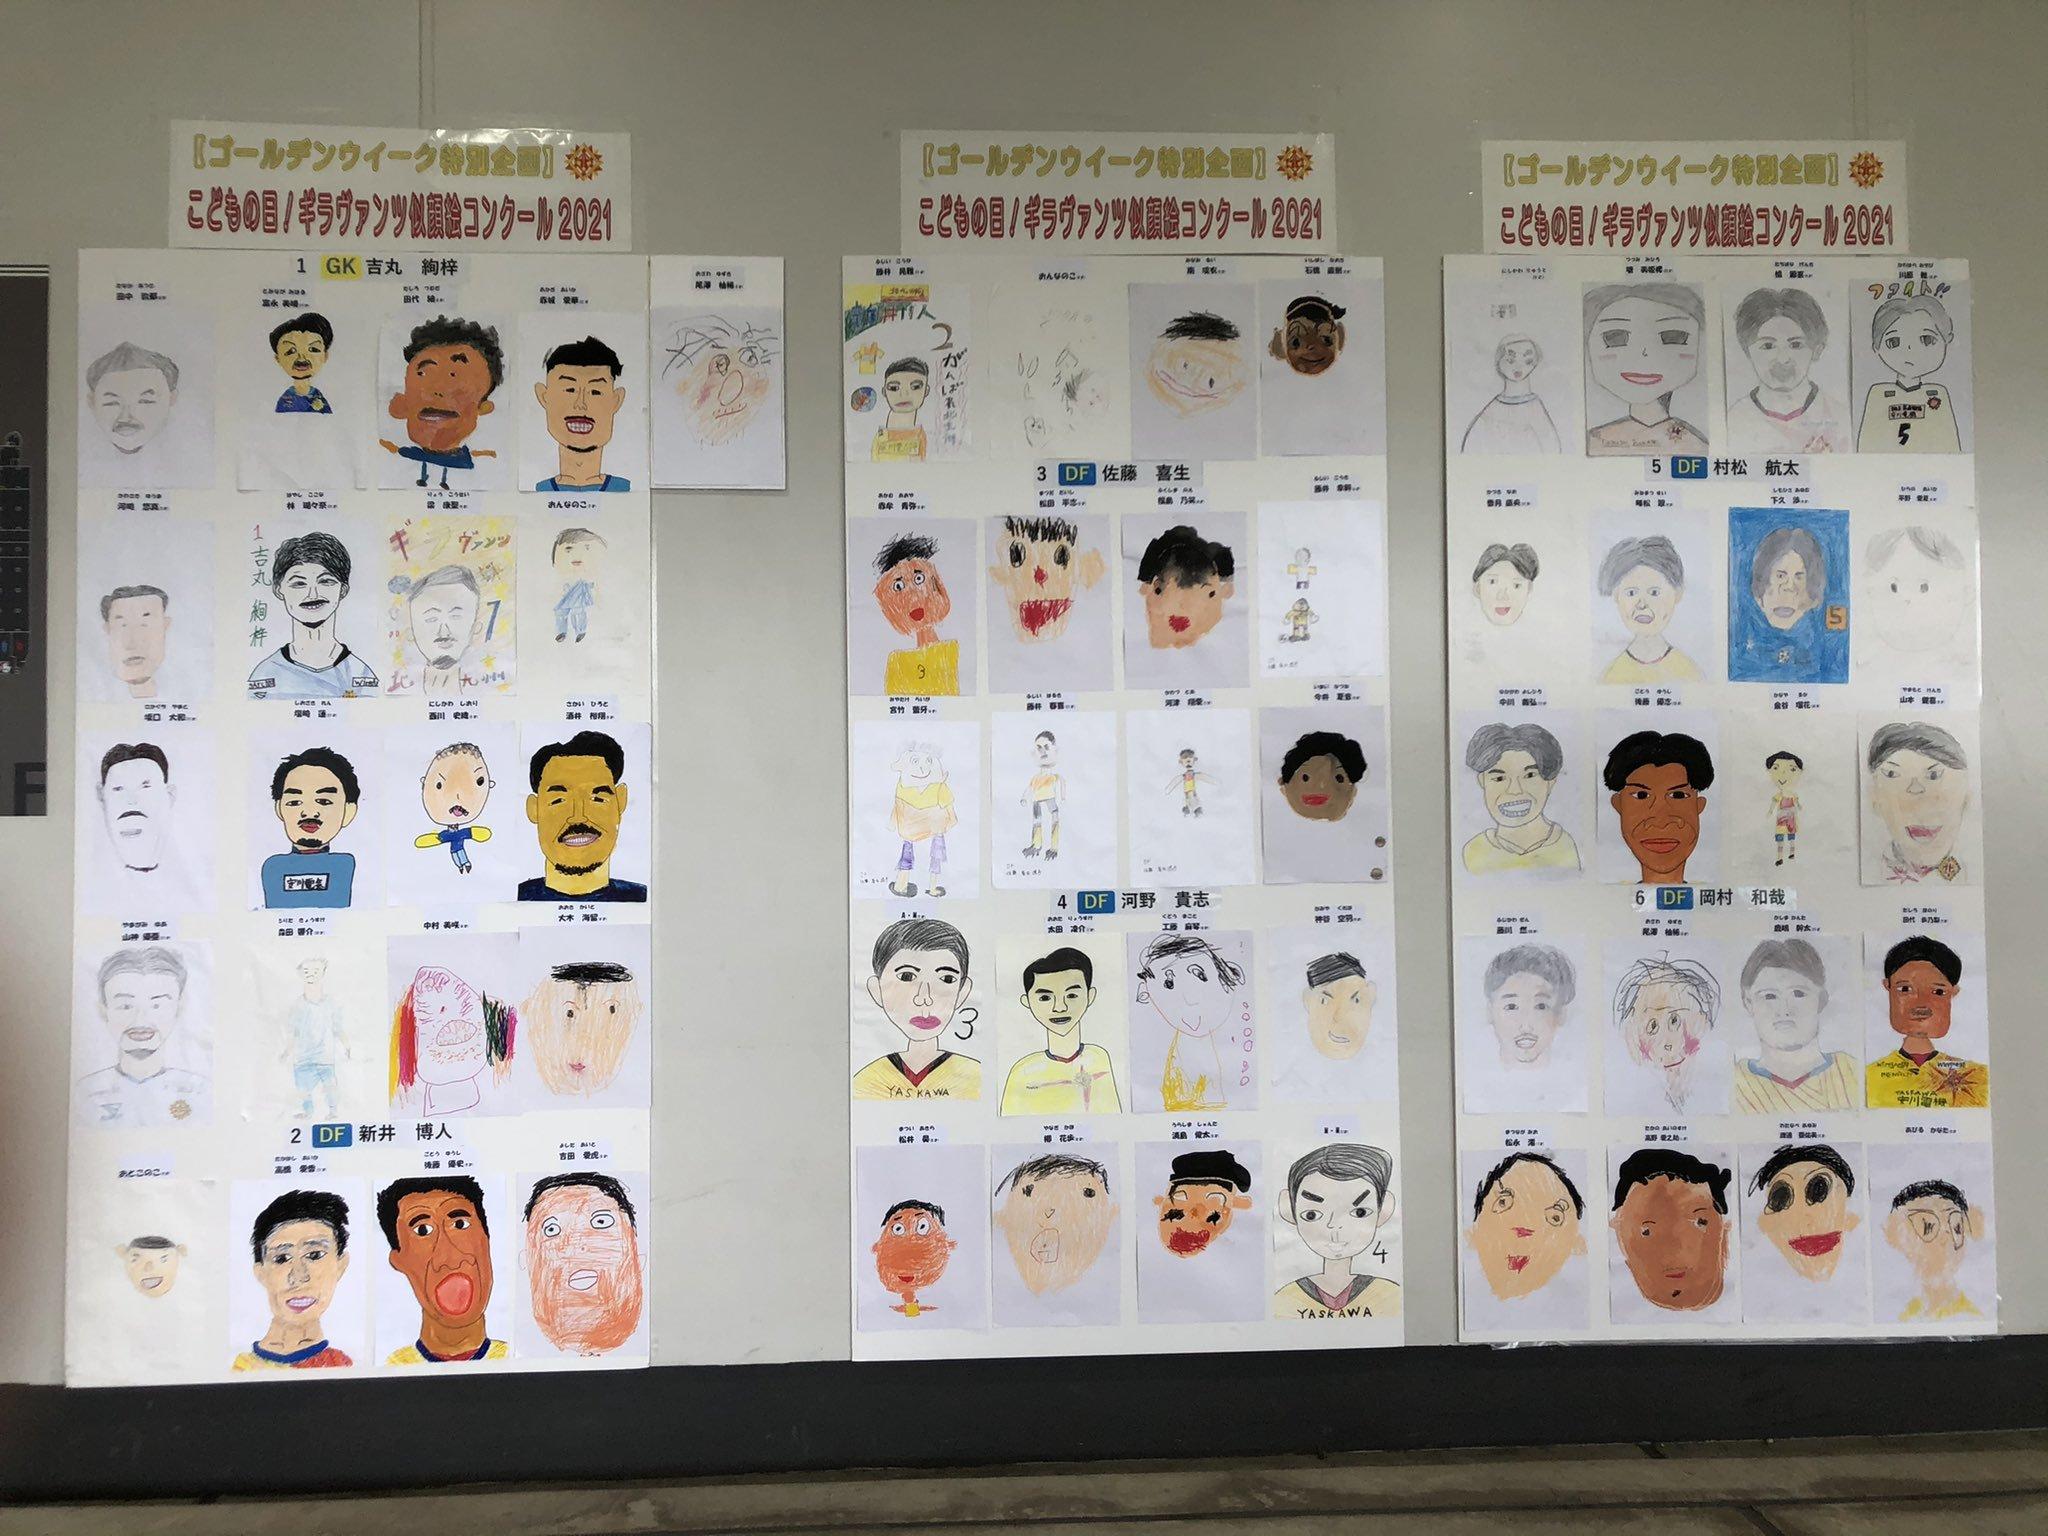 Чемпионат по обжорству и конкурс детских рисунков: как японский клуб заманивает болельщиков (+Фото, Видео) - изображение 8